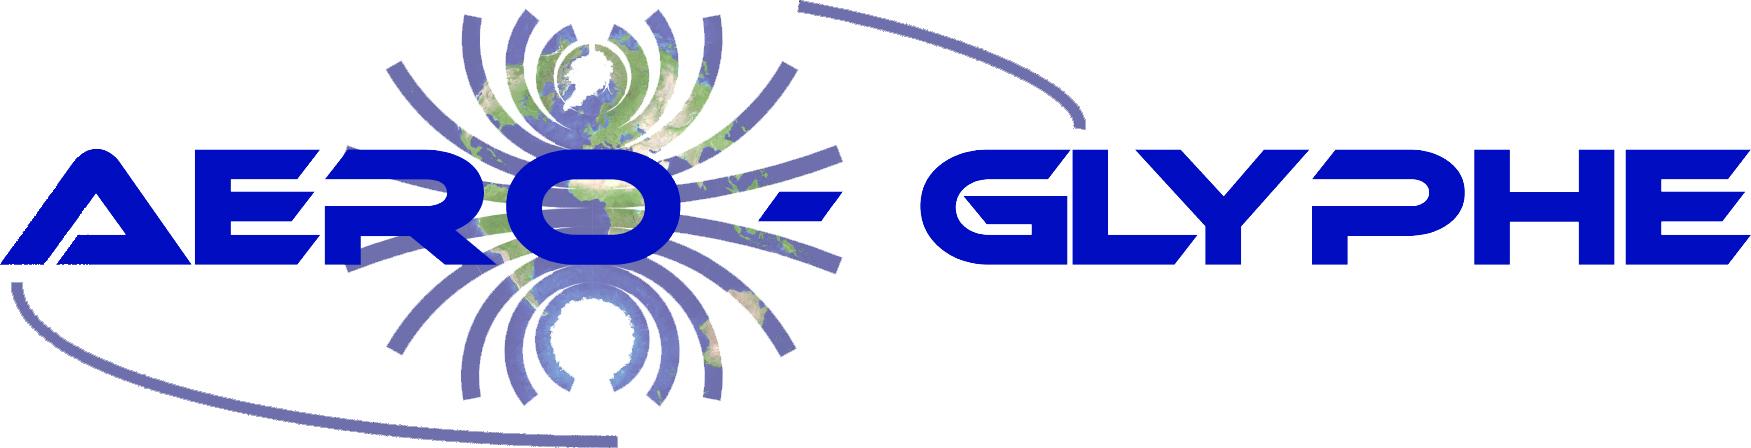 AERO-GLYPHE